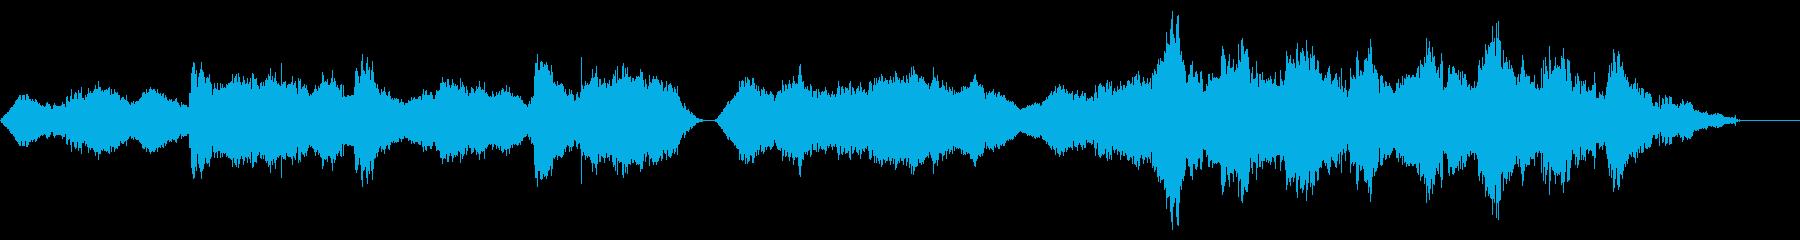 不気味で独特なリズムのメロディーの再生済みの波形